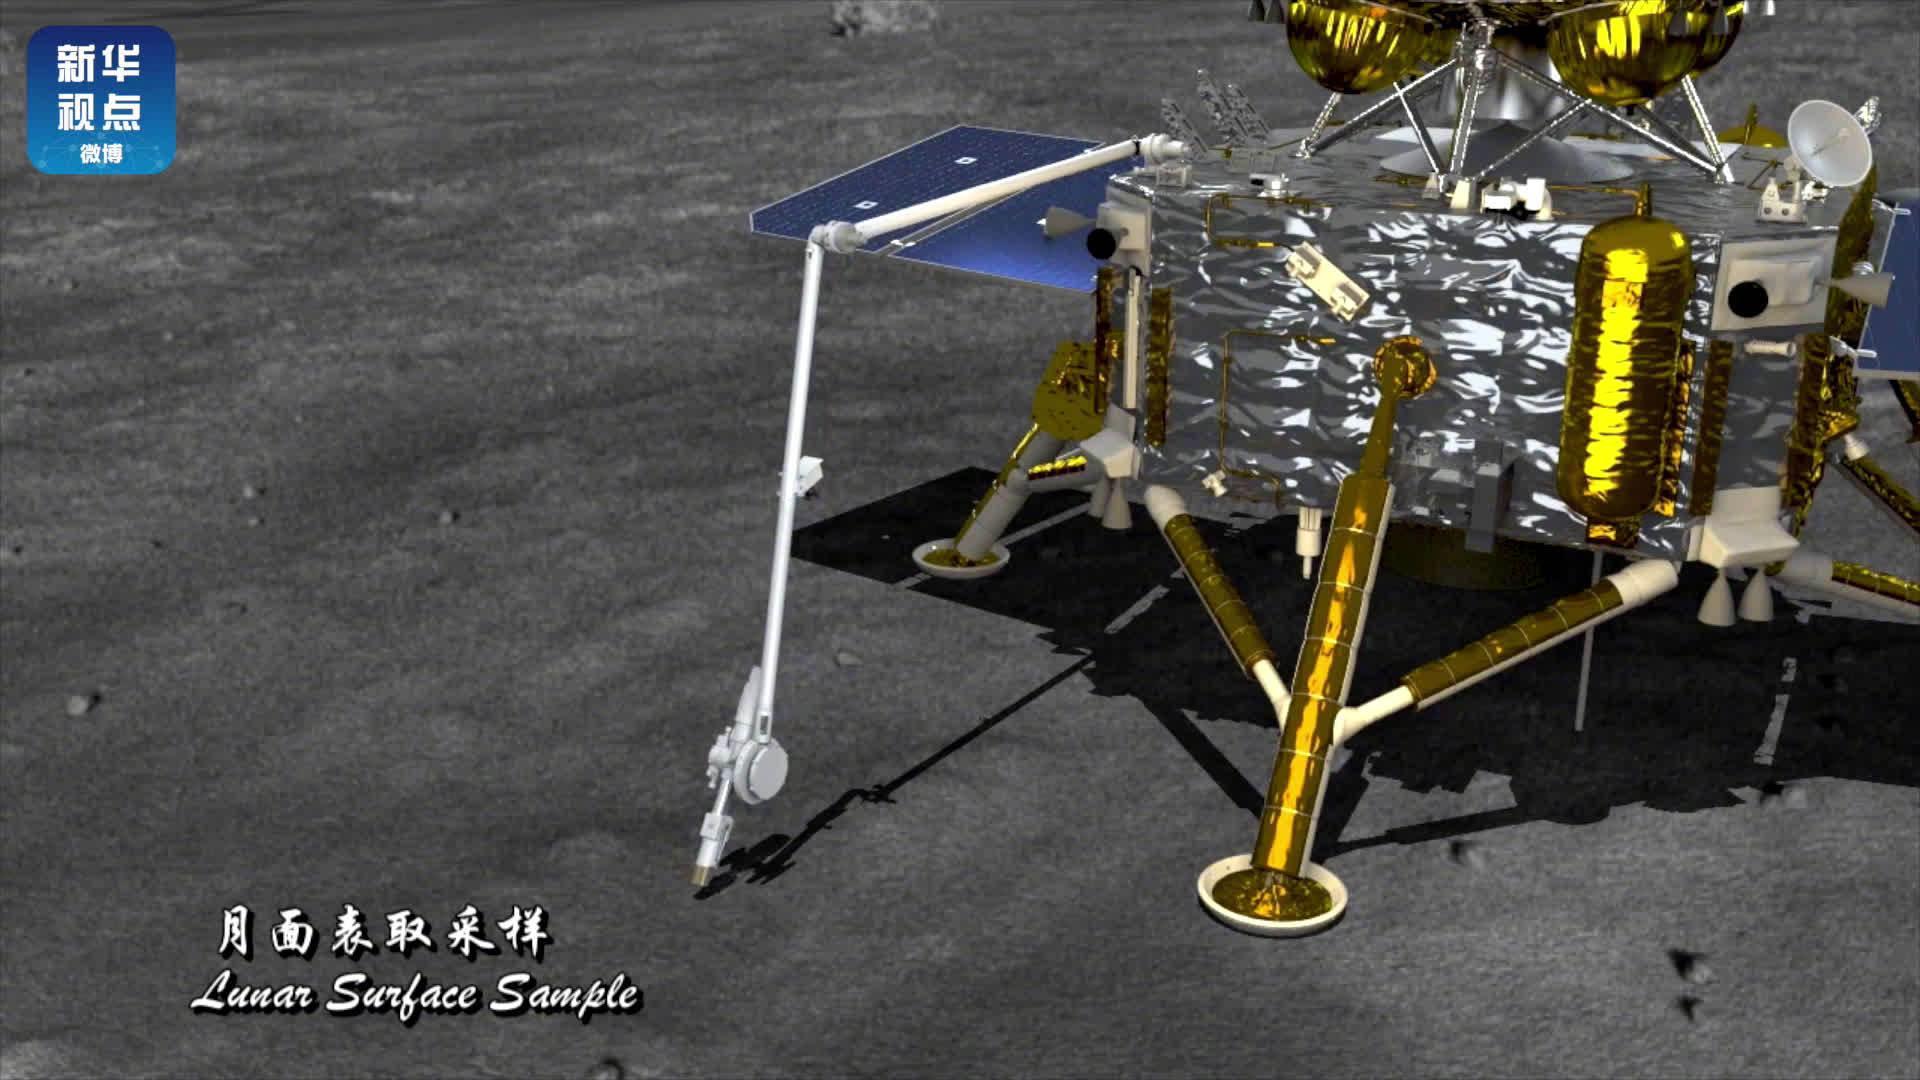 """嫦娥五号如何""""挖土""""?看这个模拟视频就懂了"""